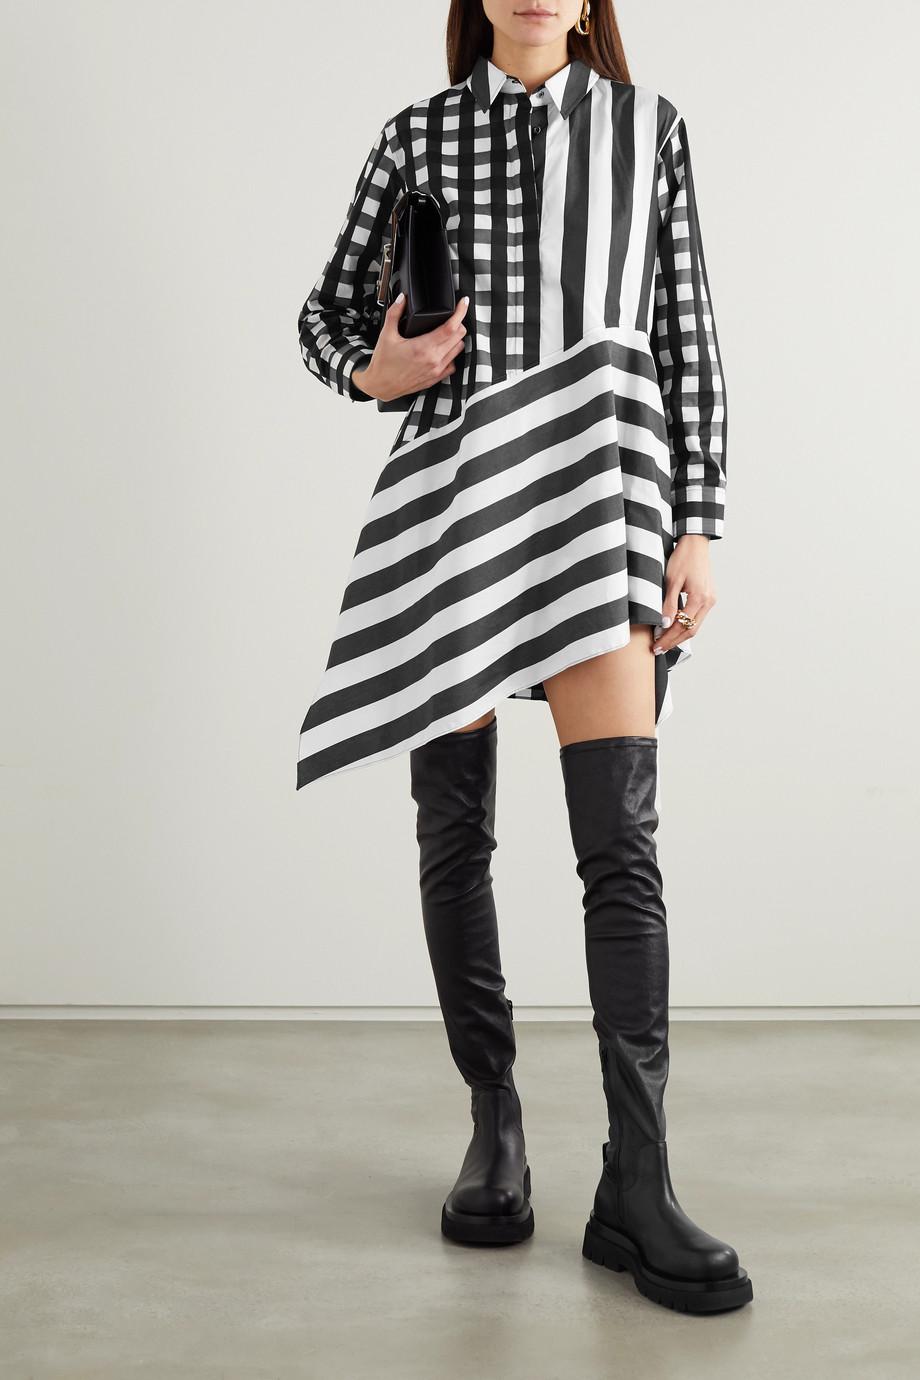 Marques' Almeida + NET SUSTAIN ReM'Ade asymmetrisches Hemdblusenkleid aus bedruckter Baumwollpopeline